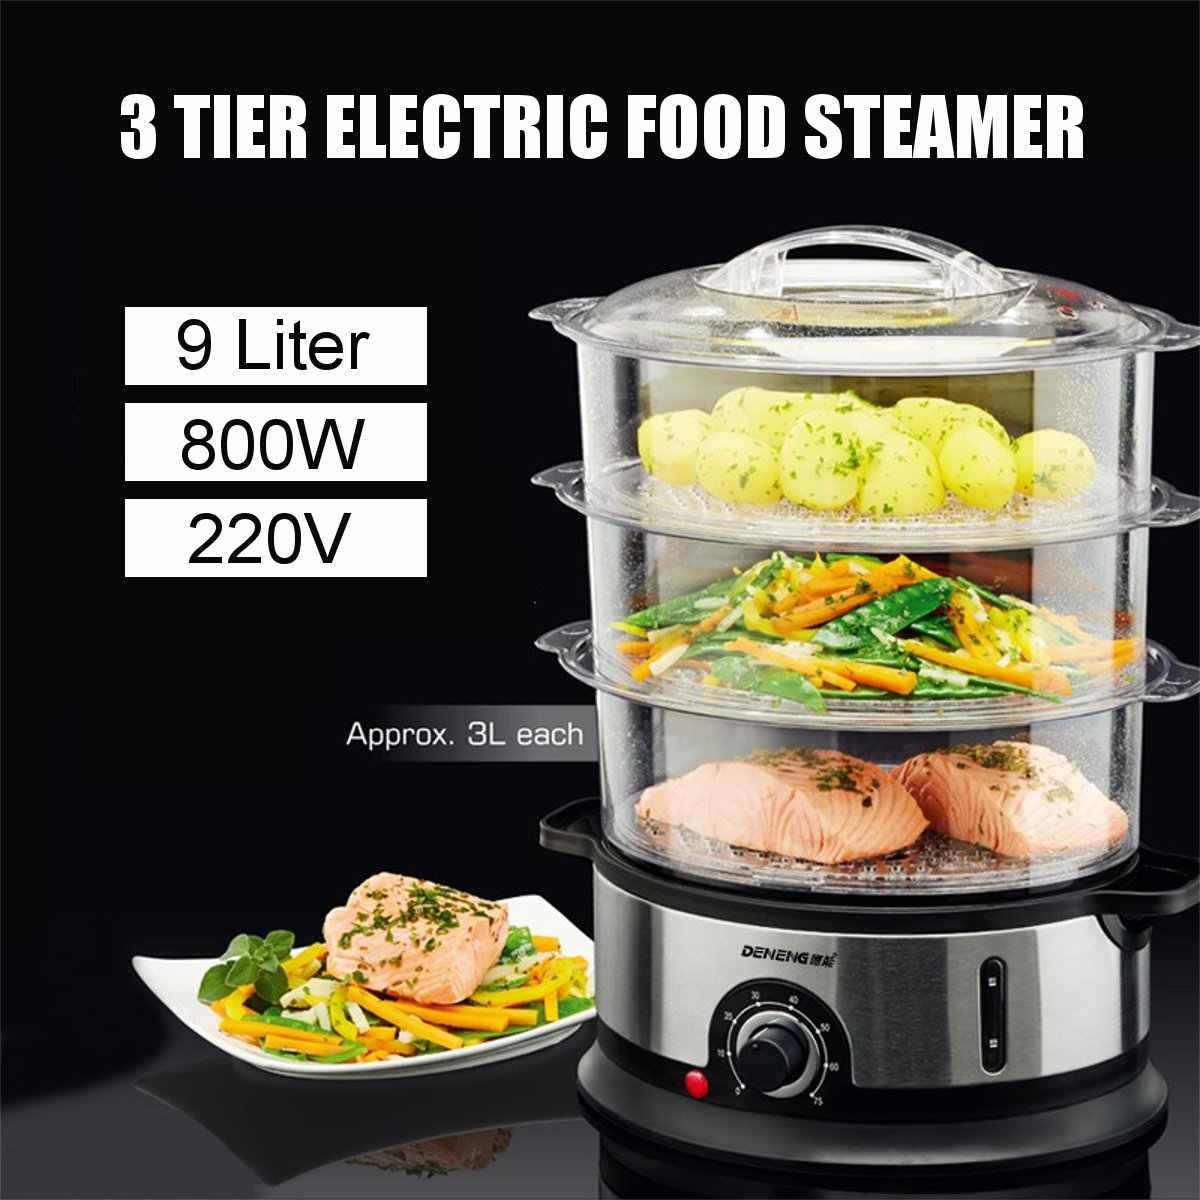 800W 9L 3 Livelli di Alimentare Vapore Elettrico Timing Casa Cibo A Vapore Cucina di Pesce Macchina di Cottura di Verdure Pentola Fornello Strumenti 220V